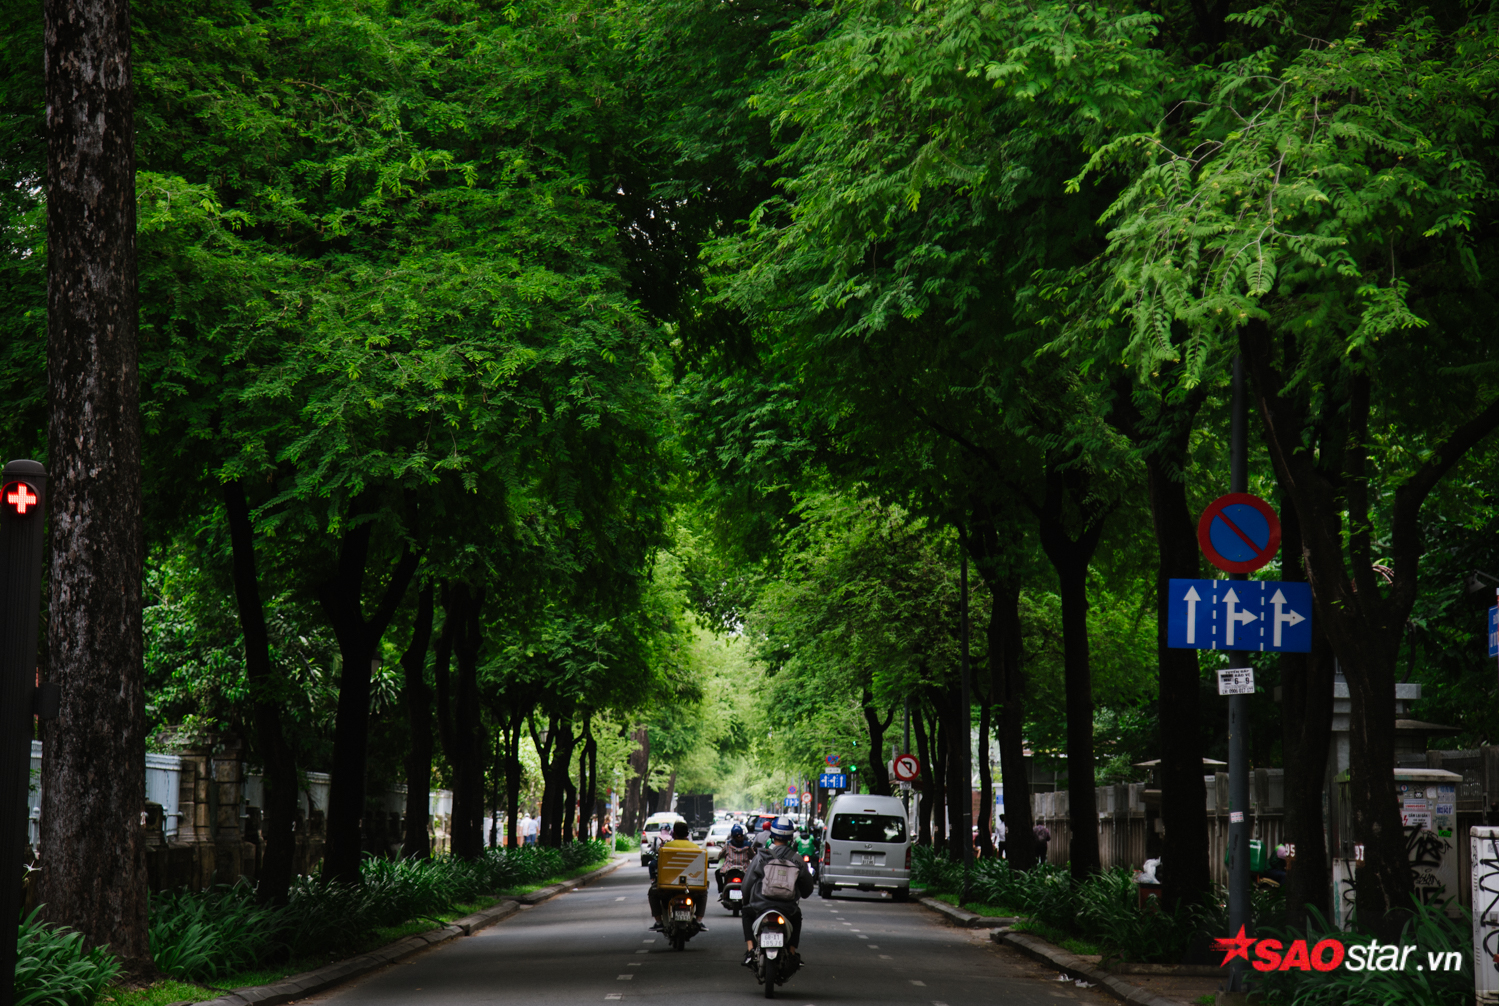 Hàng me xanh mướt trải dài khắp con đường Lý Tự Trọng vào buổi sớm.